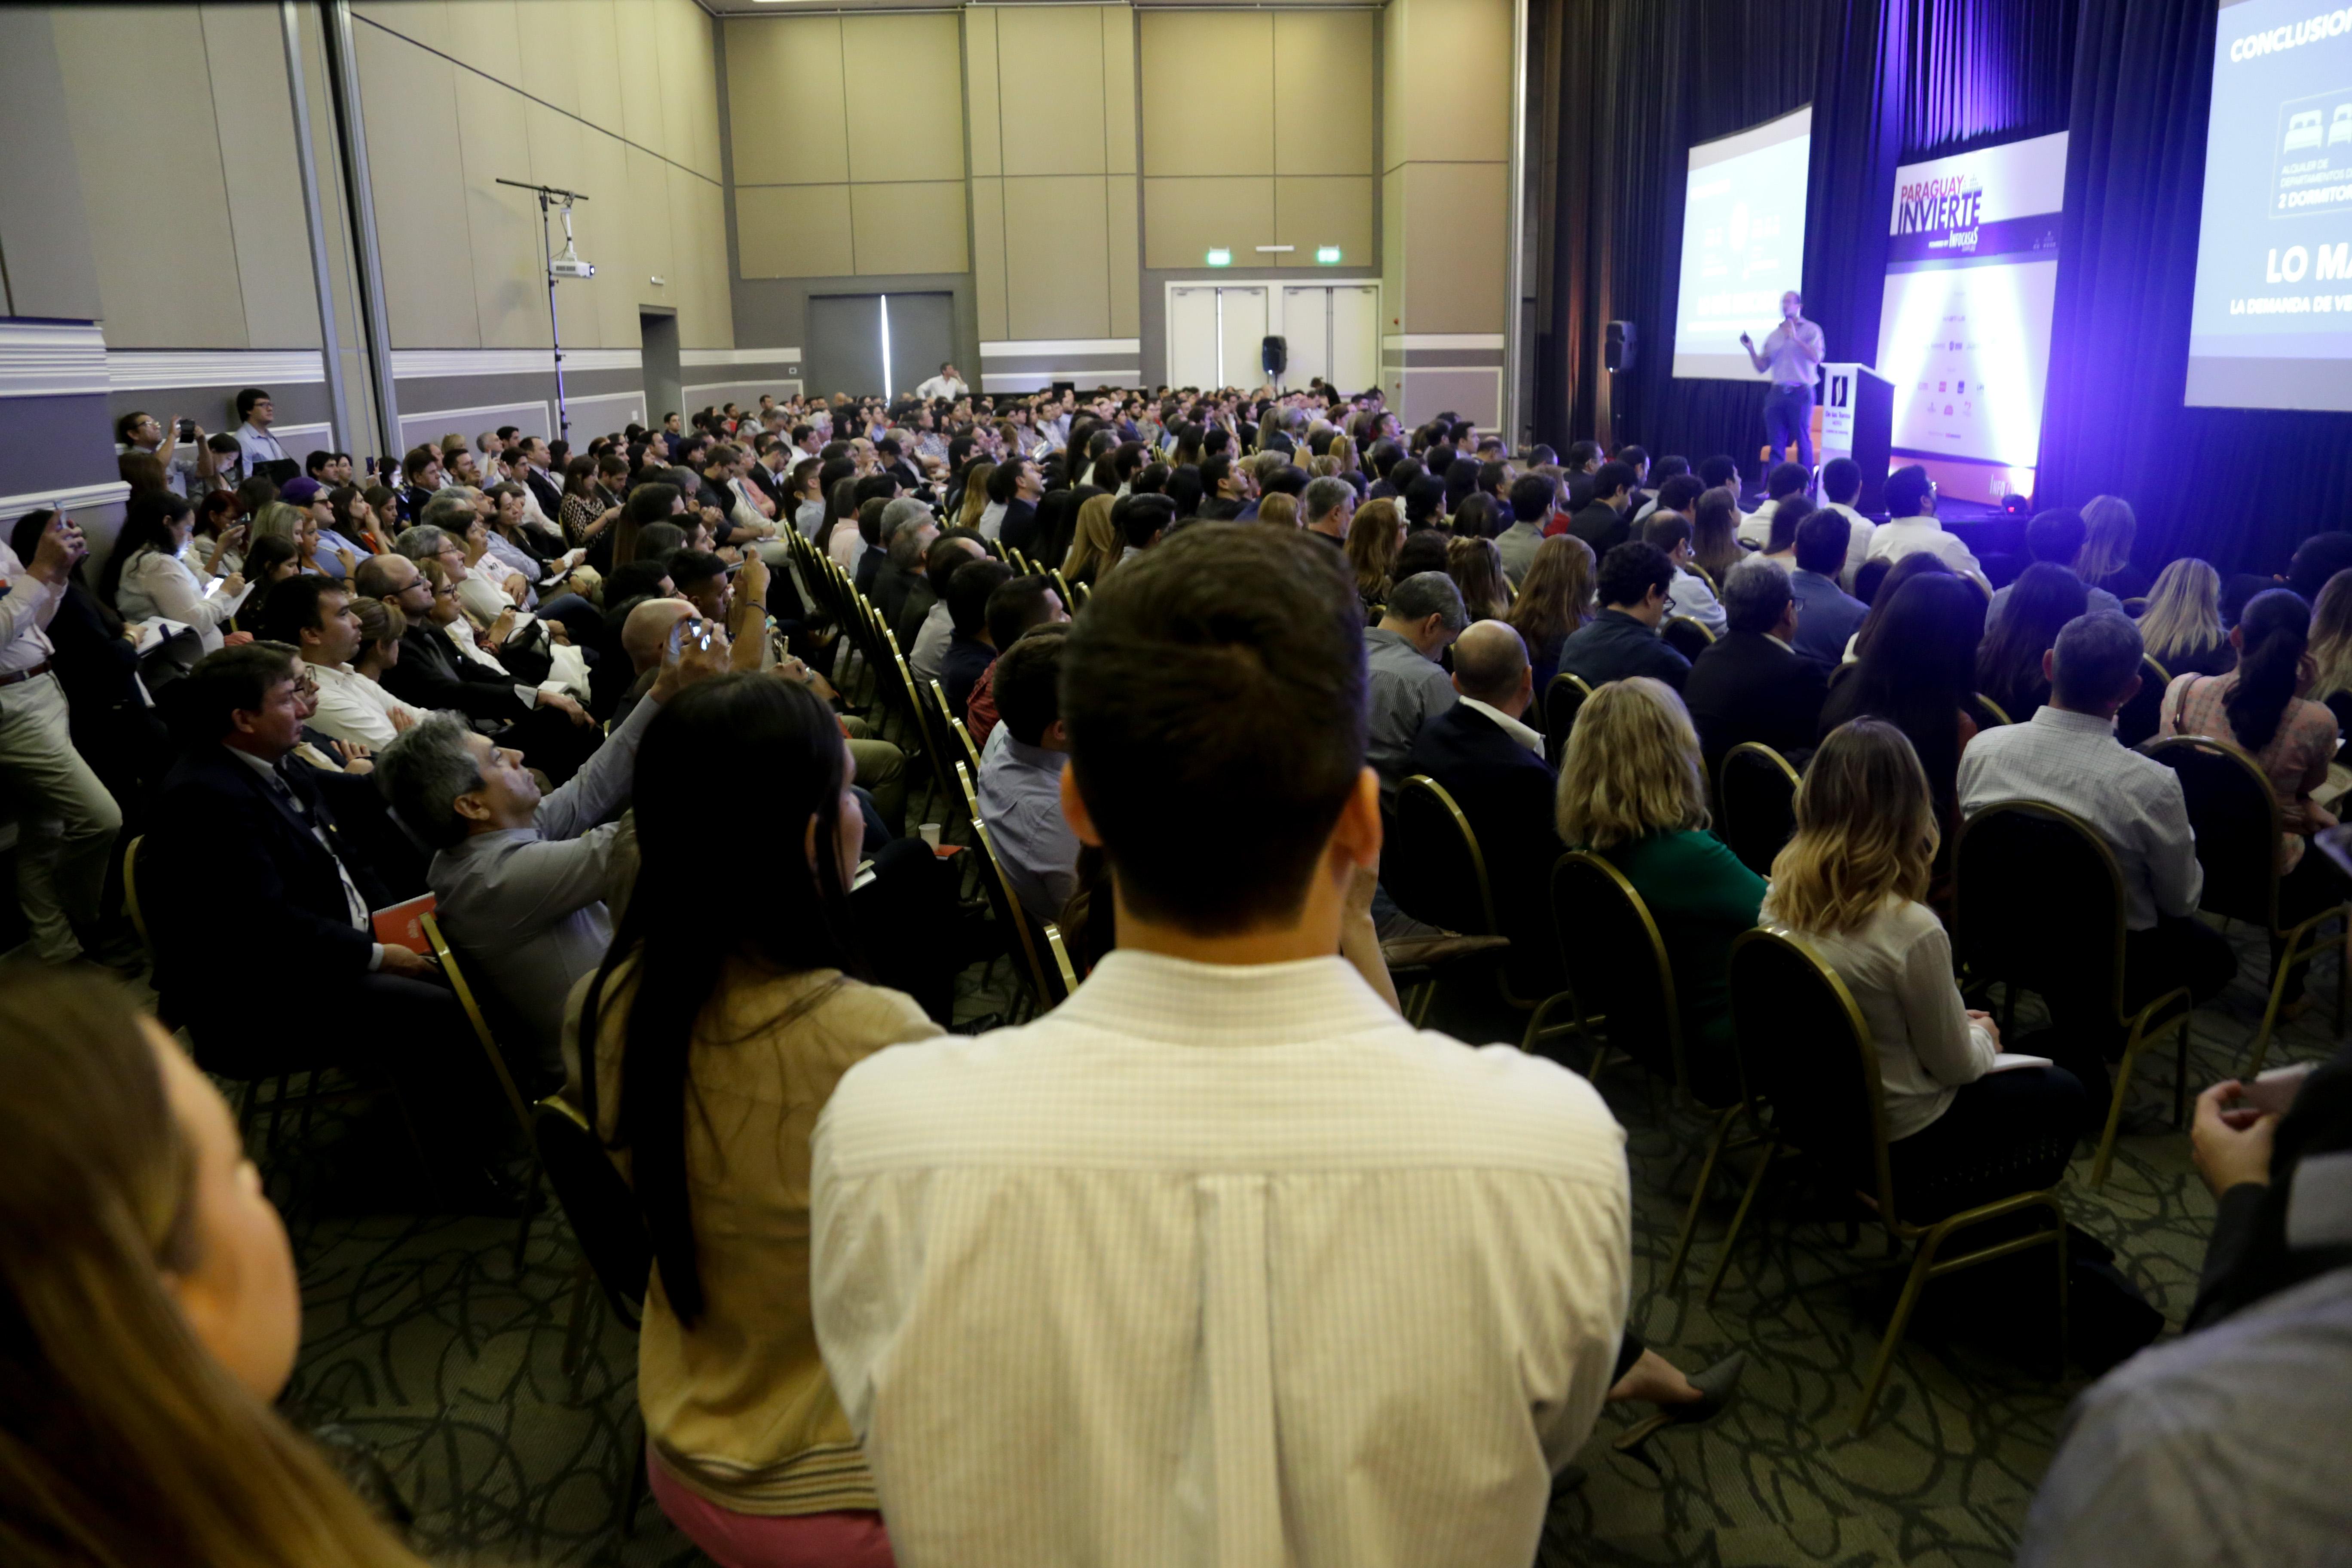 Encuentra PropTech, el evento inmobiliario más destacado del año en Uruguay